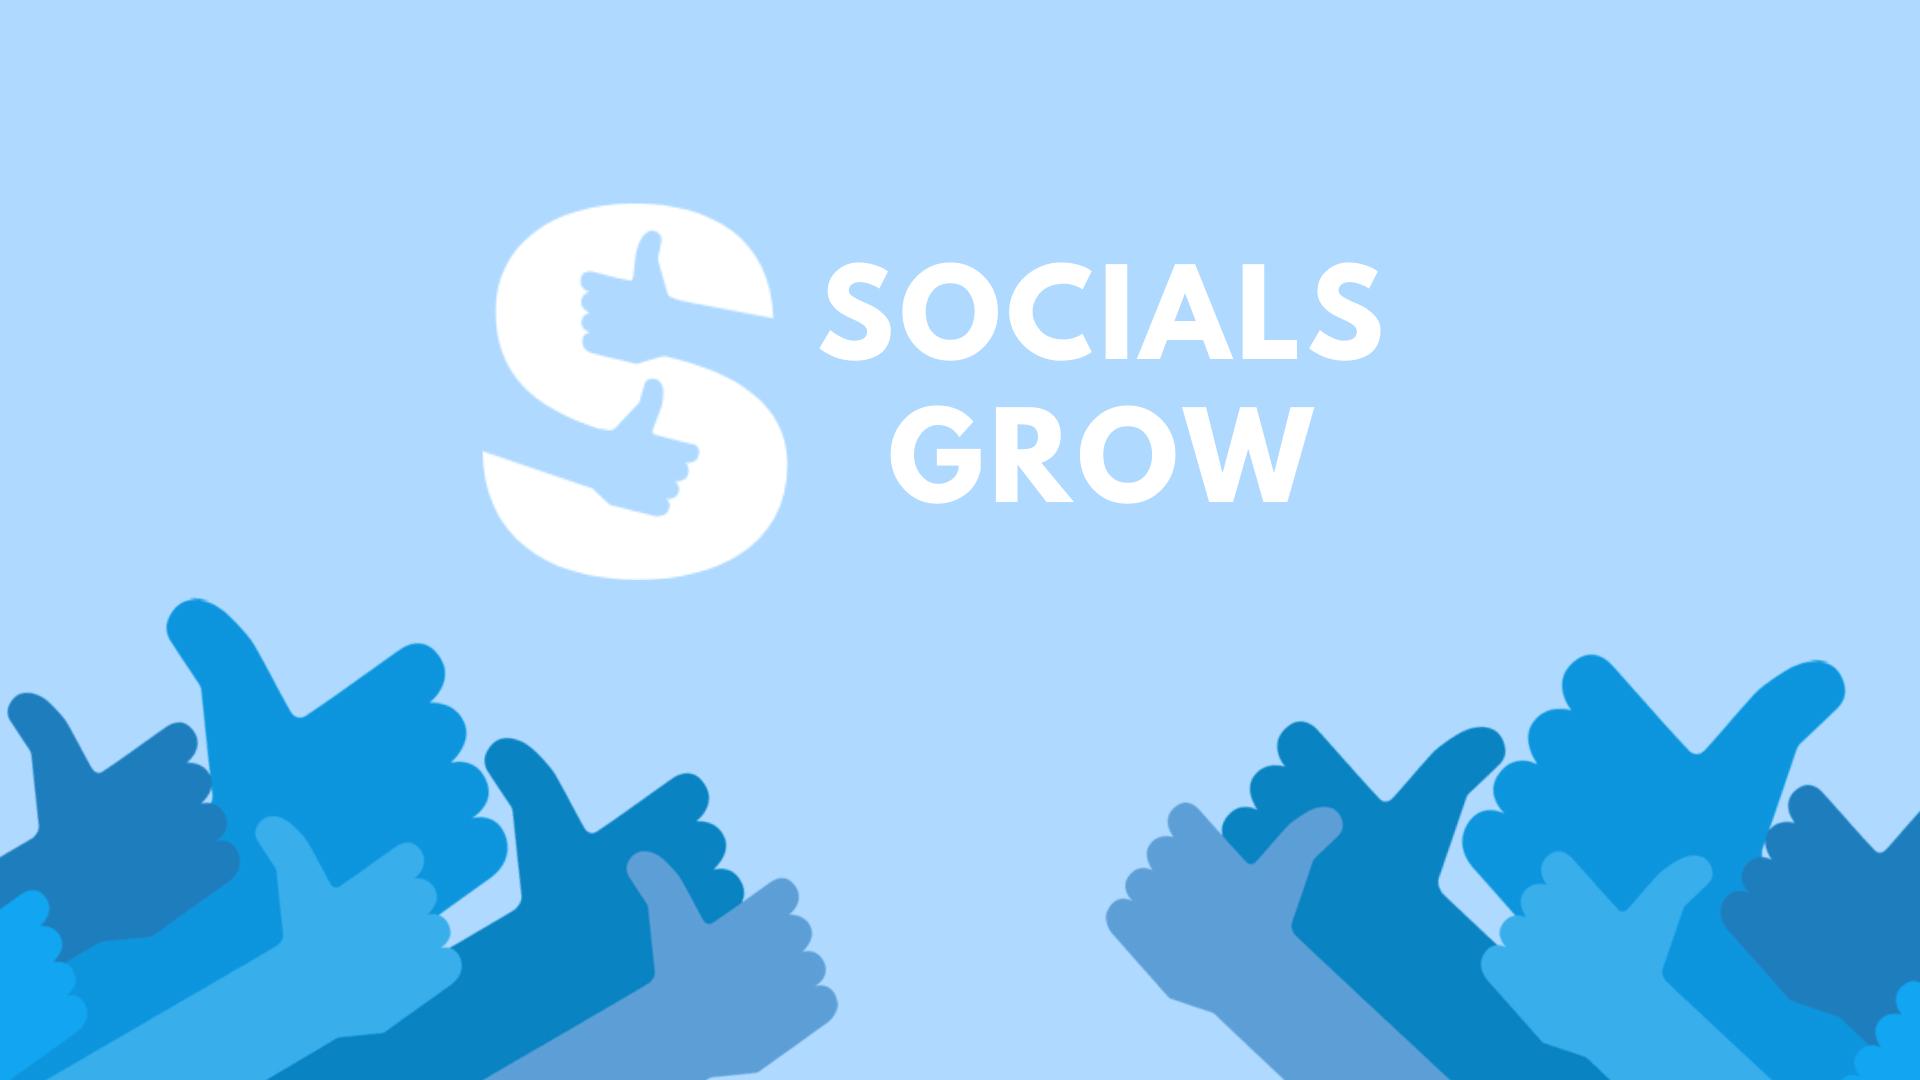 socials grow